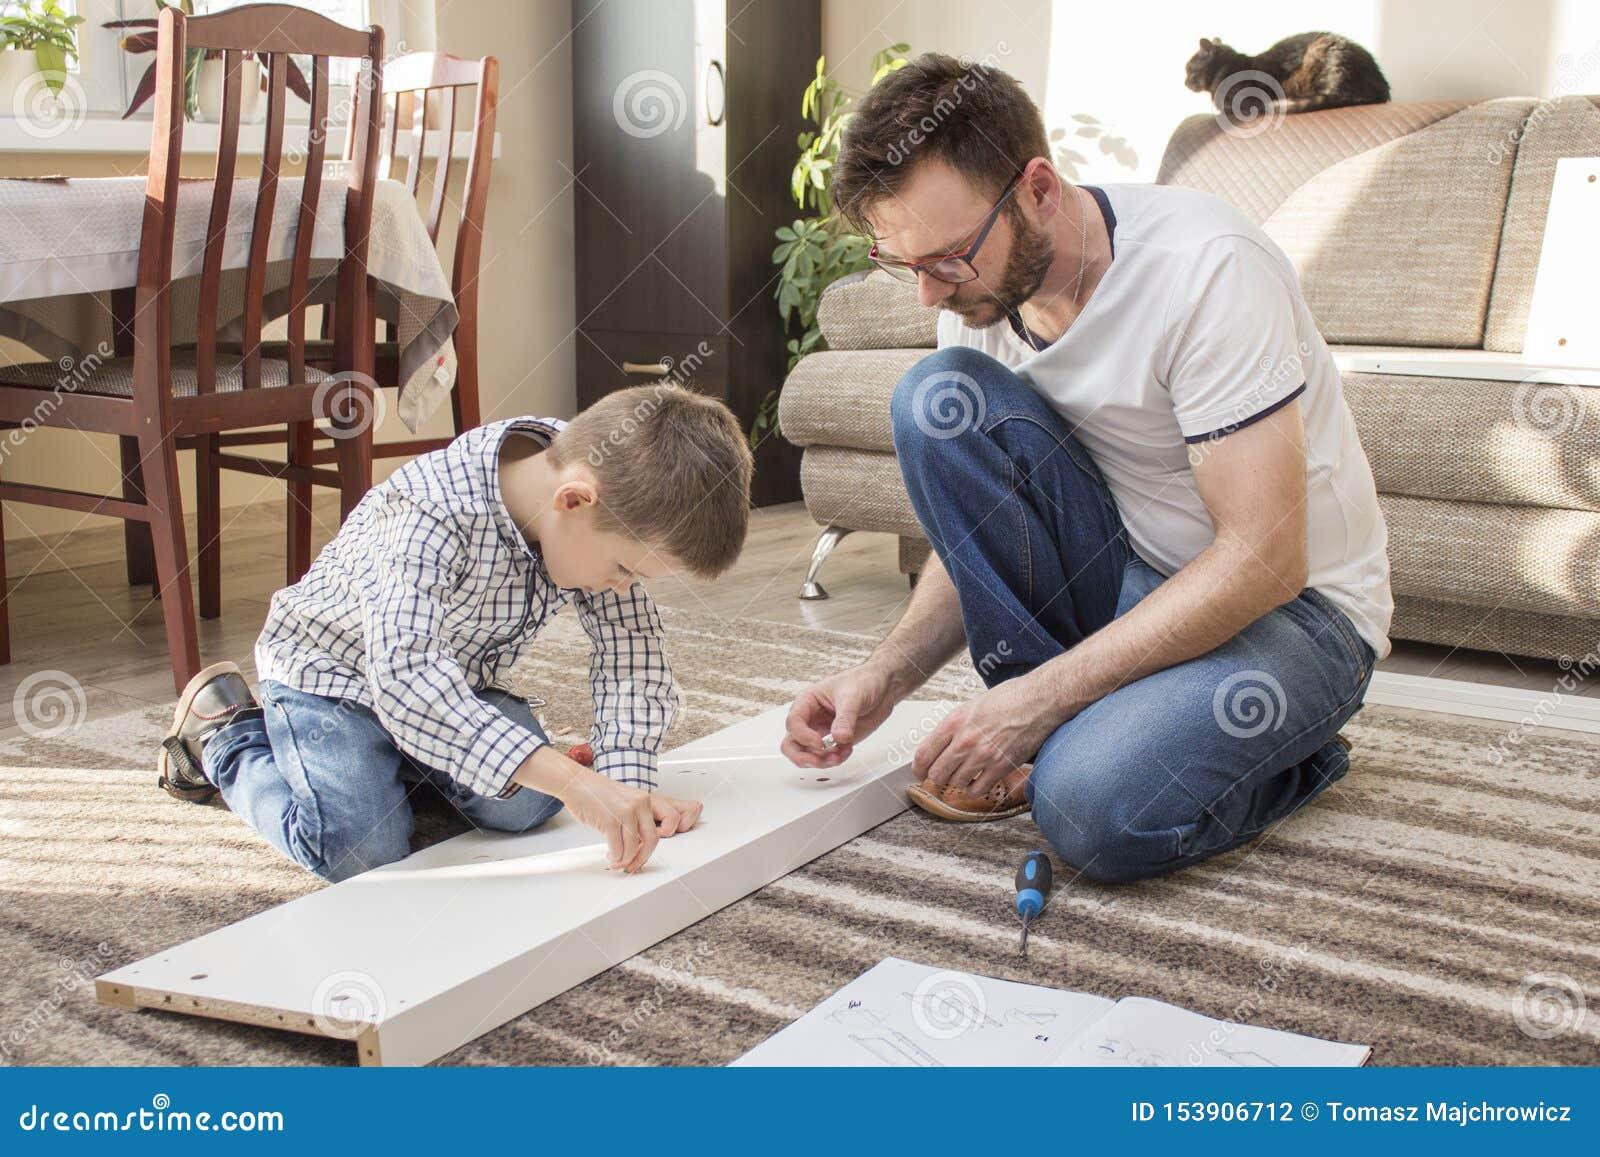 De vader en de zoon brengen meubilair samen De vader geeft zijn zoonselementen en de jongen zet hen in de juiste plaatsen